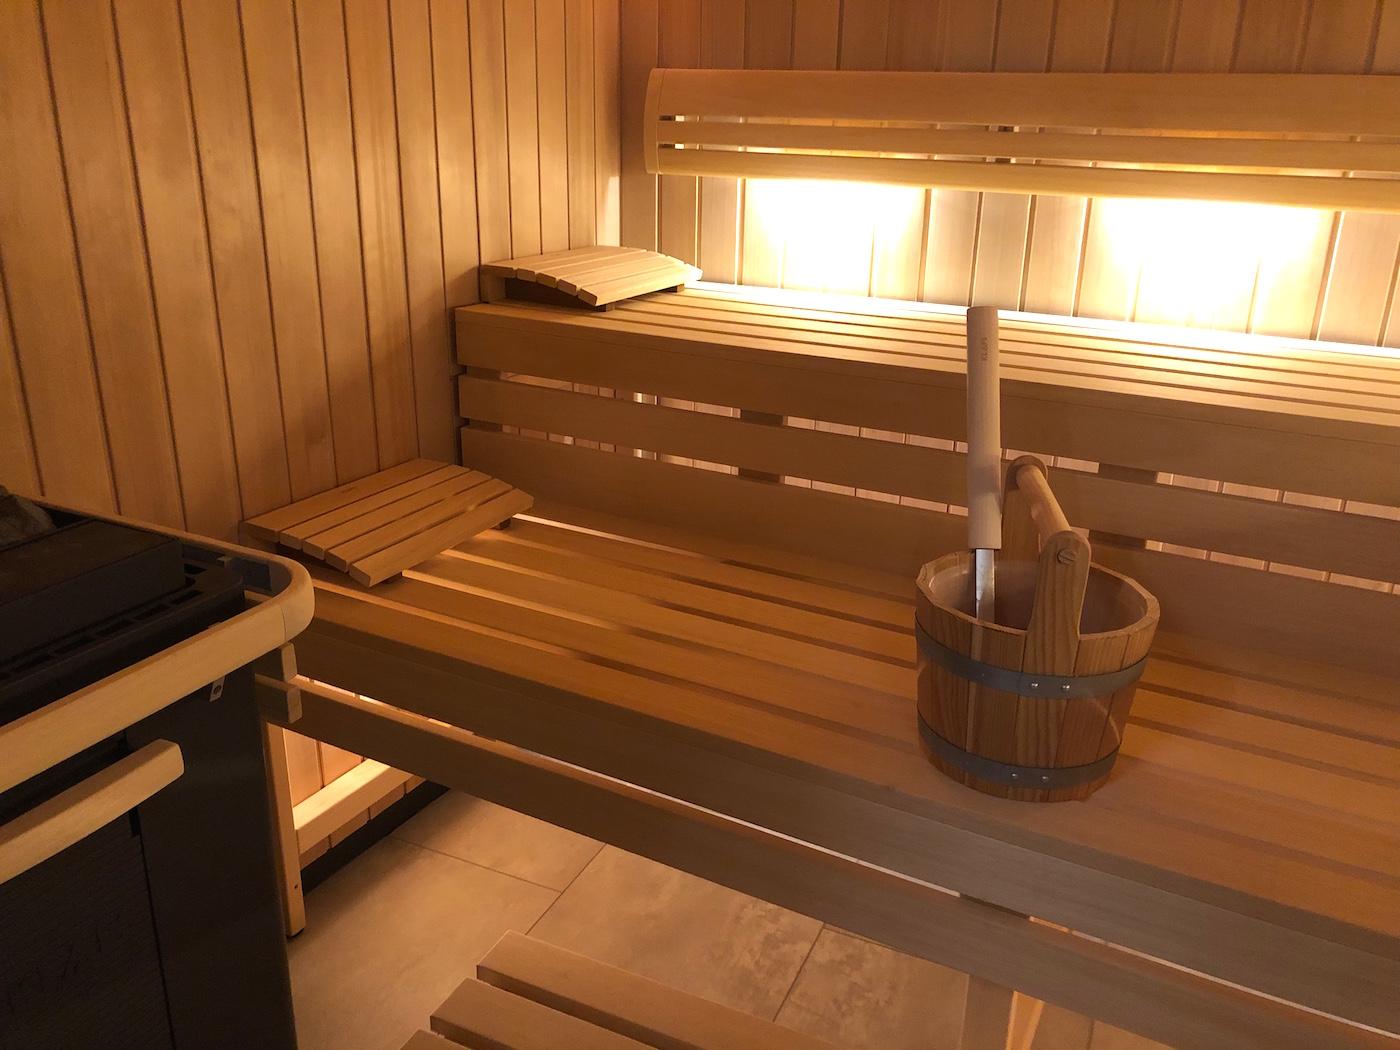 Hammam Jacuzzi Et Sauna Un Nouveau Spa Vient D Ouvrir A Deux